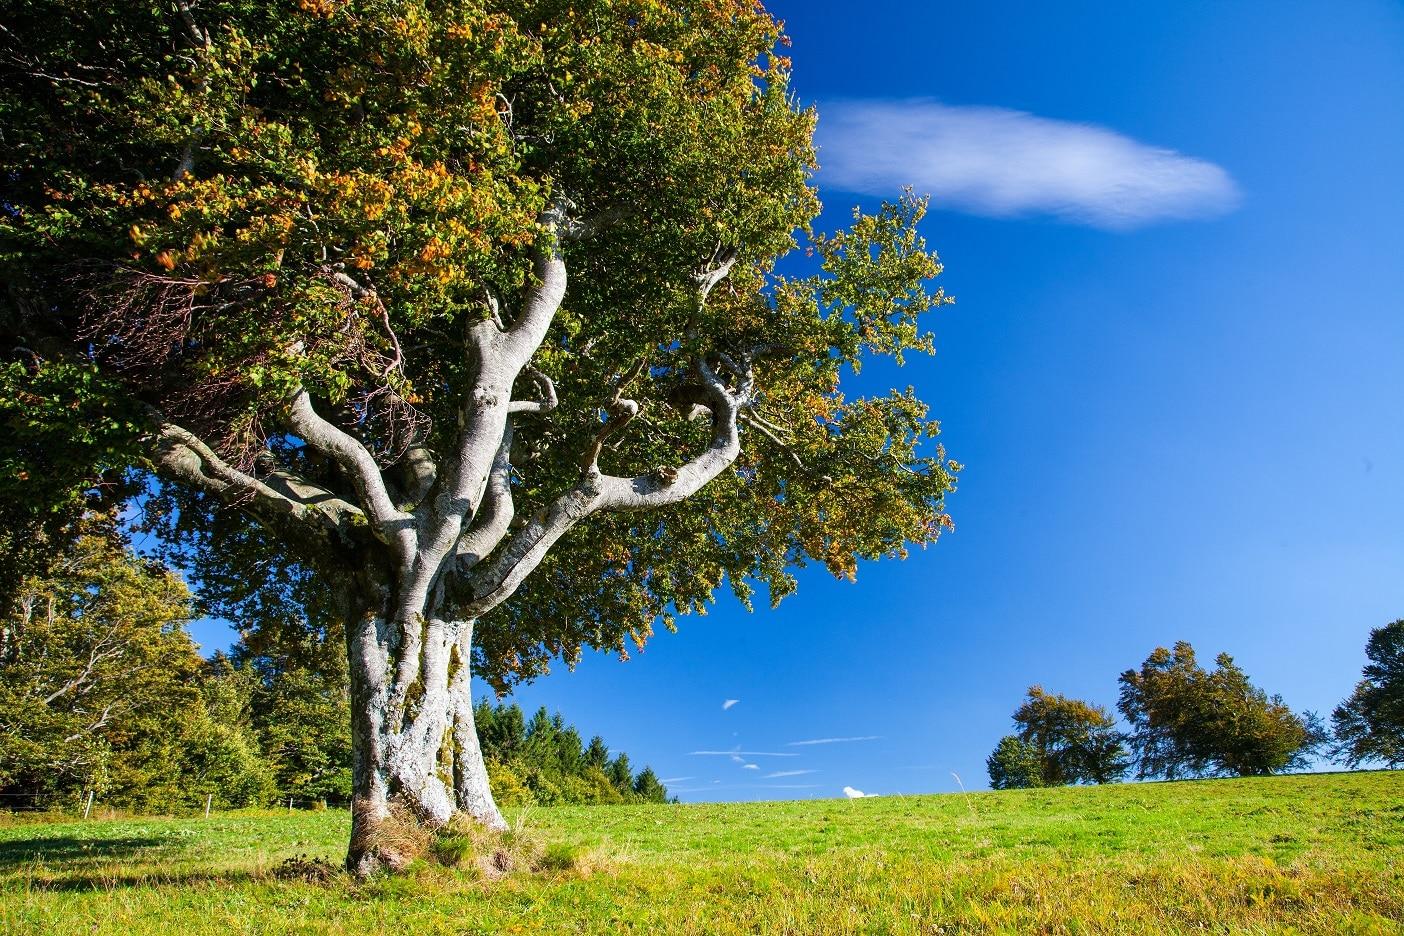 Hotspots der Biodiversität: Tagung über Weidbuchen und Weidfelder im Südschwarzwald